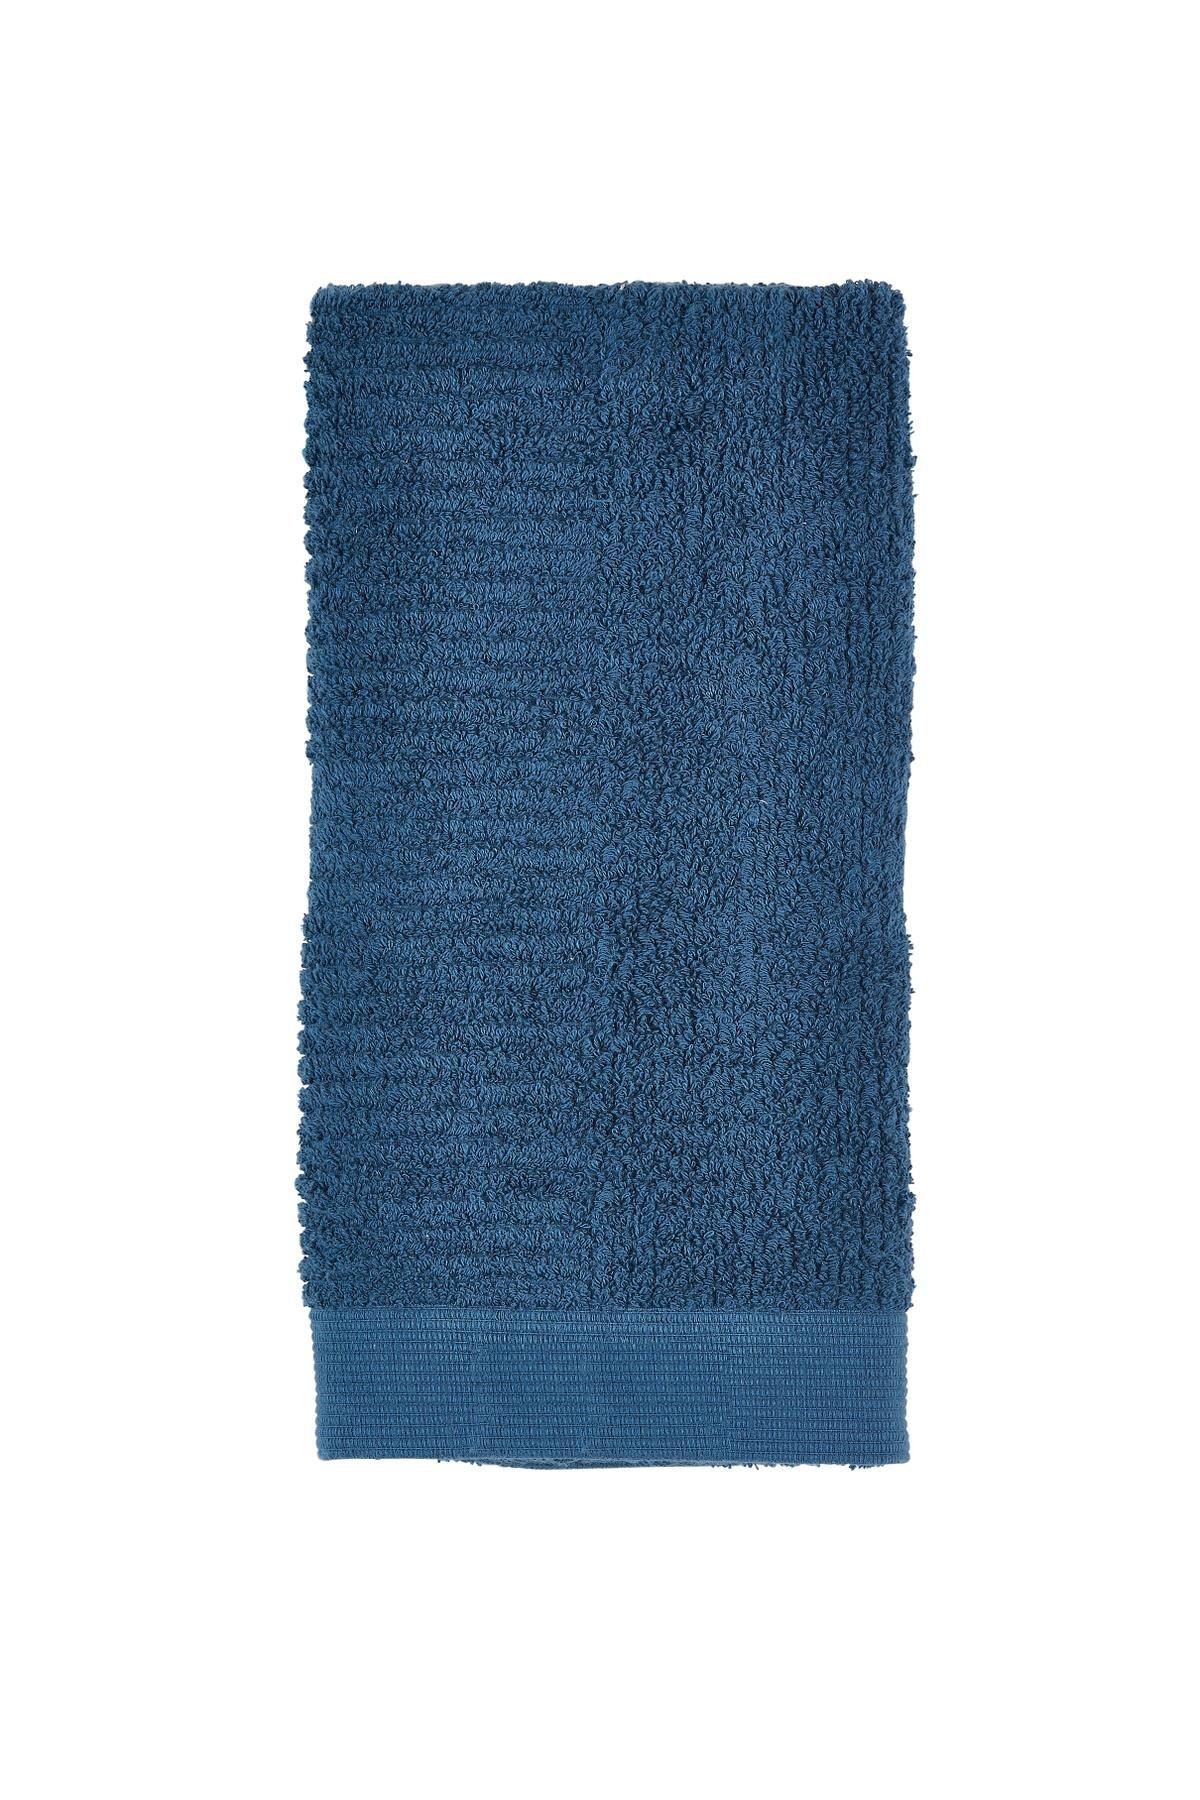 Prosop baie din bumbac Classic, Azure Blue, Zone-50 x 100 cm imagine